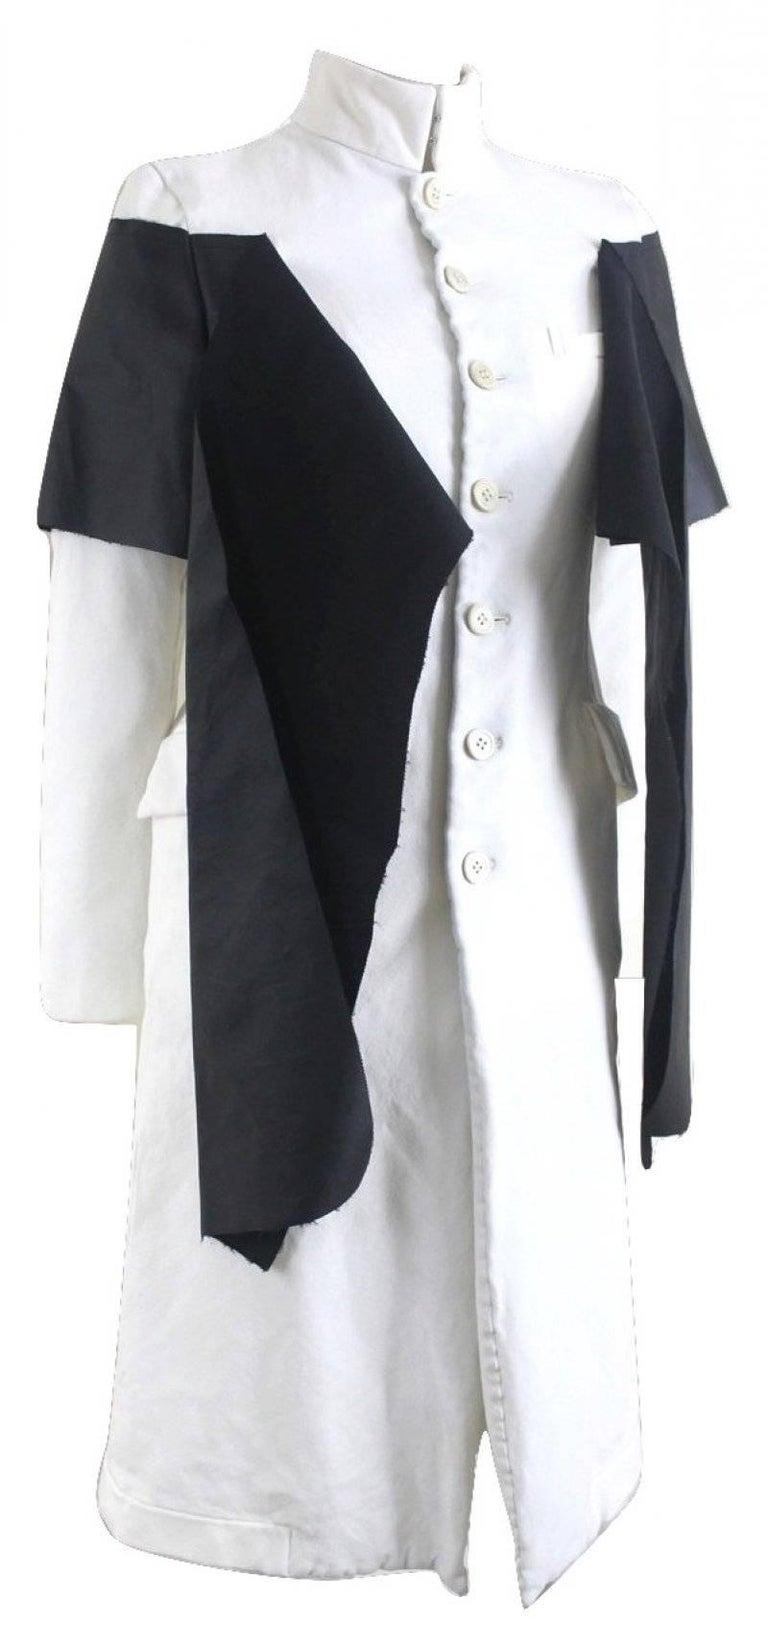 Comme des Garcons 2010 Collection Coat 2